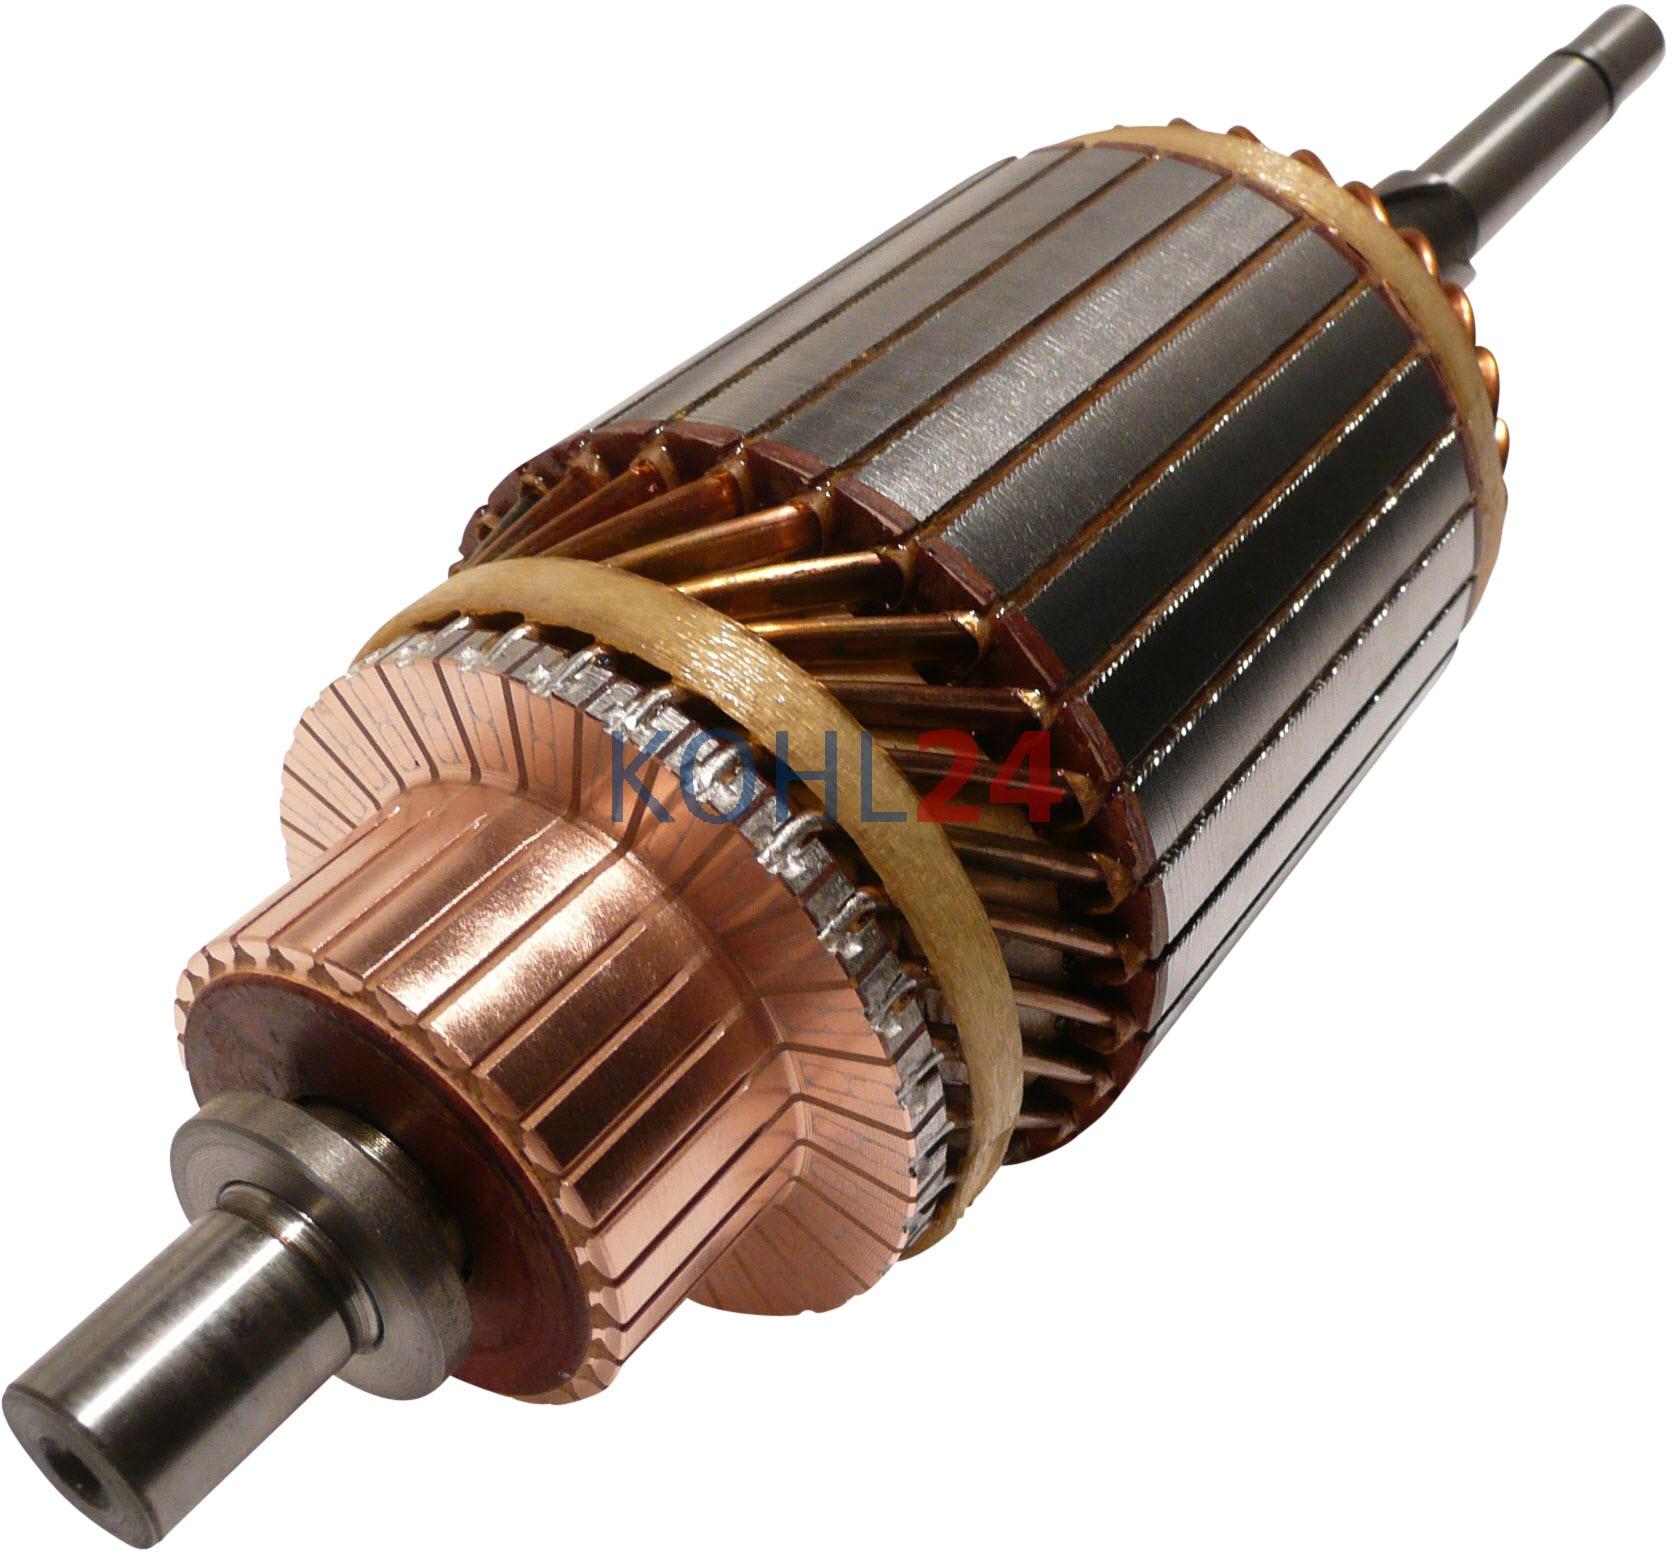 Waukesha Motors Minn Kota Motor Repair Impremedia Net